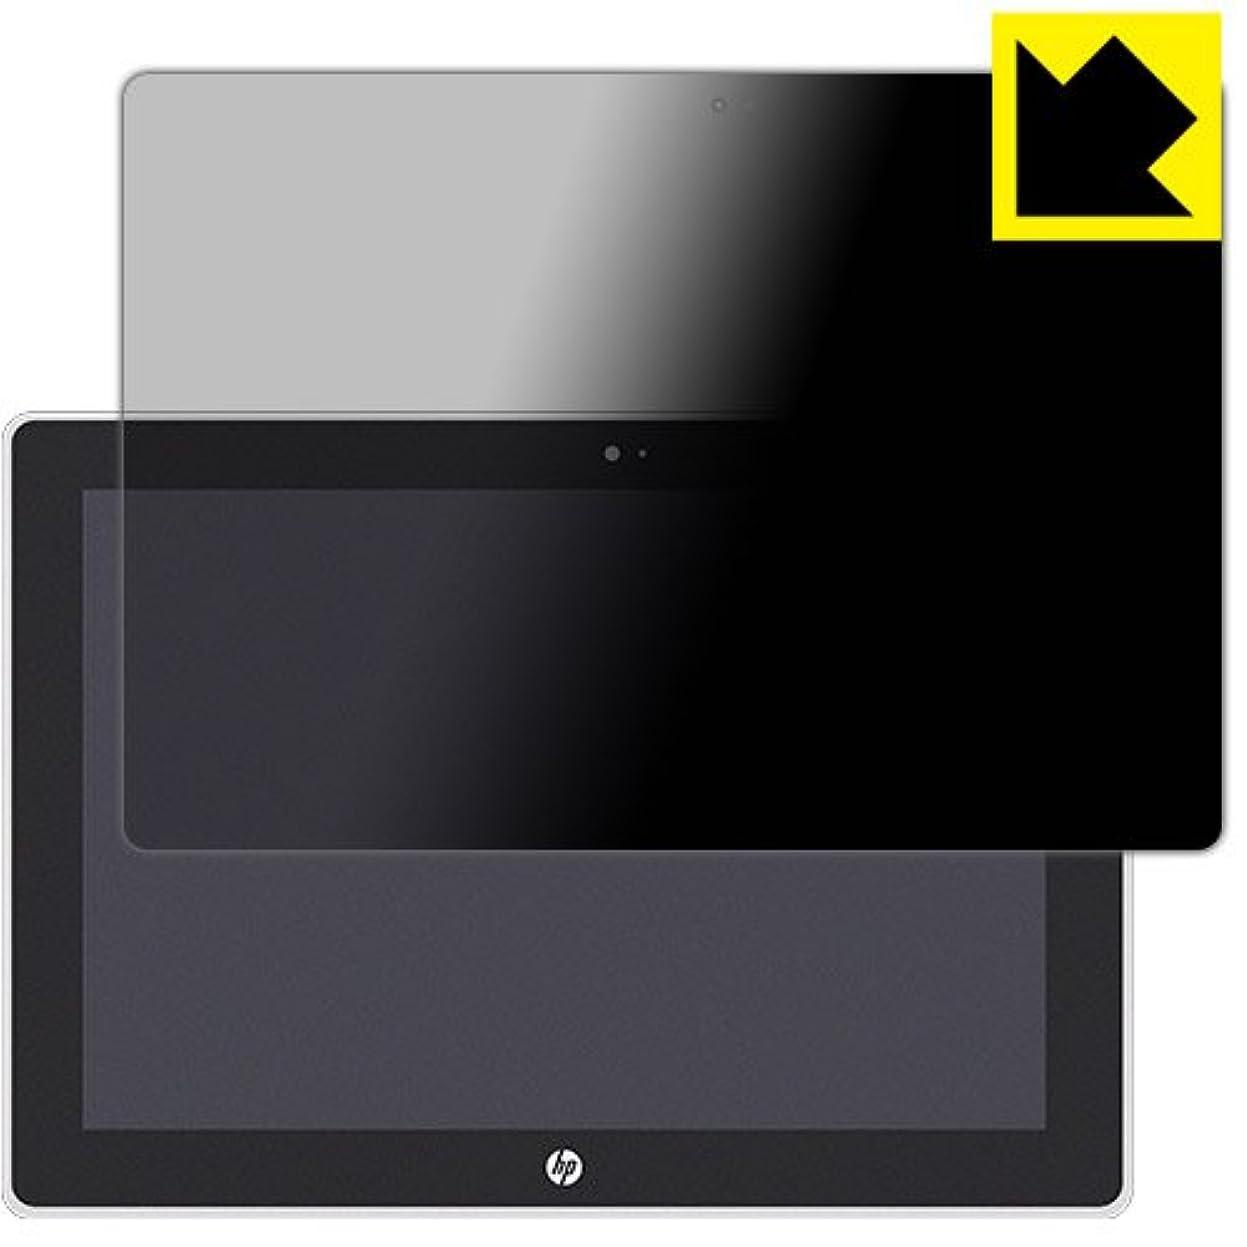 ラブを必要としています意志に反するのぞき見防止 液晶保護フィルム Privacy Shield Elite x2 1012 G1 日本製